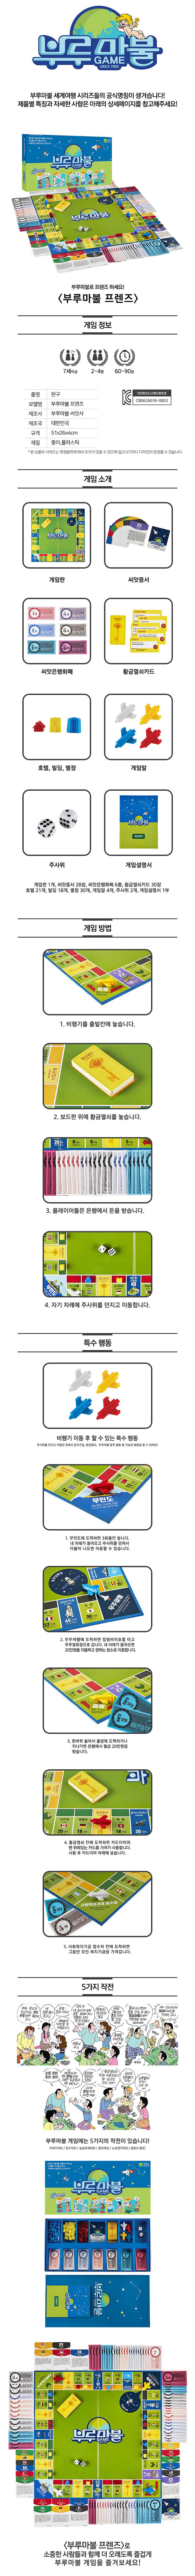 부루마불28000 /보드게임 - 피에스컴퍼니, 25,200원, 보드게임, 두뇌 게임